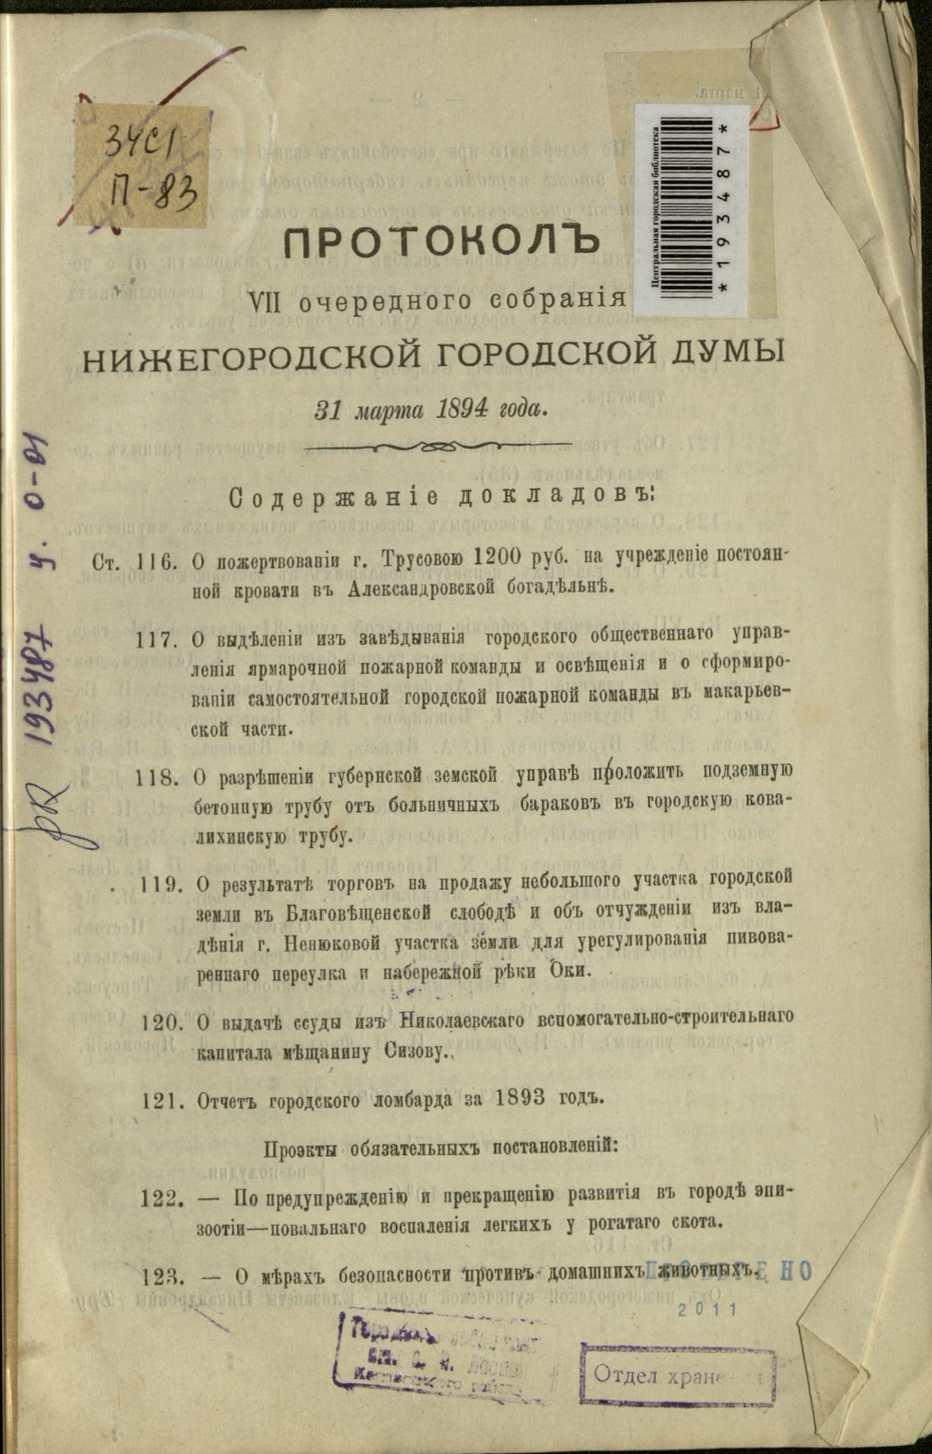 Протокол VII очередного собрания Нижегородской Городской Думы 31 марта 1894 года